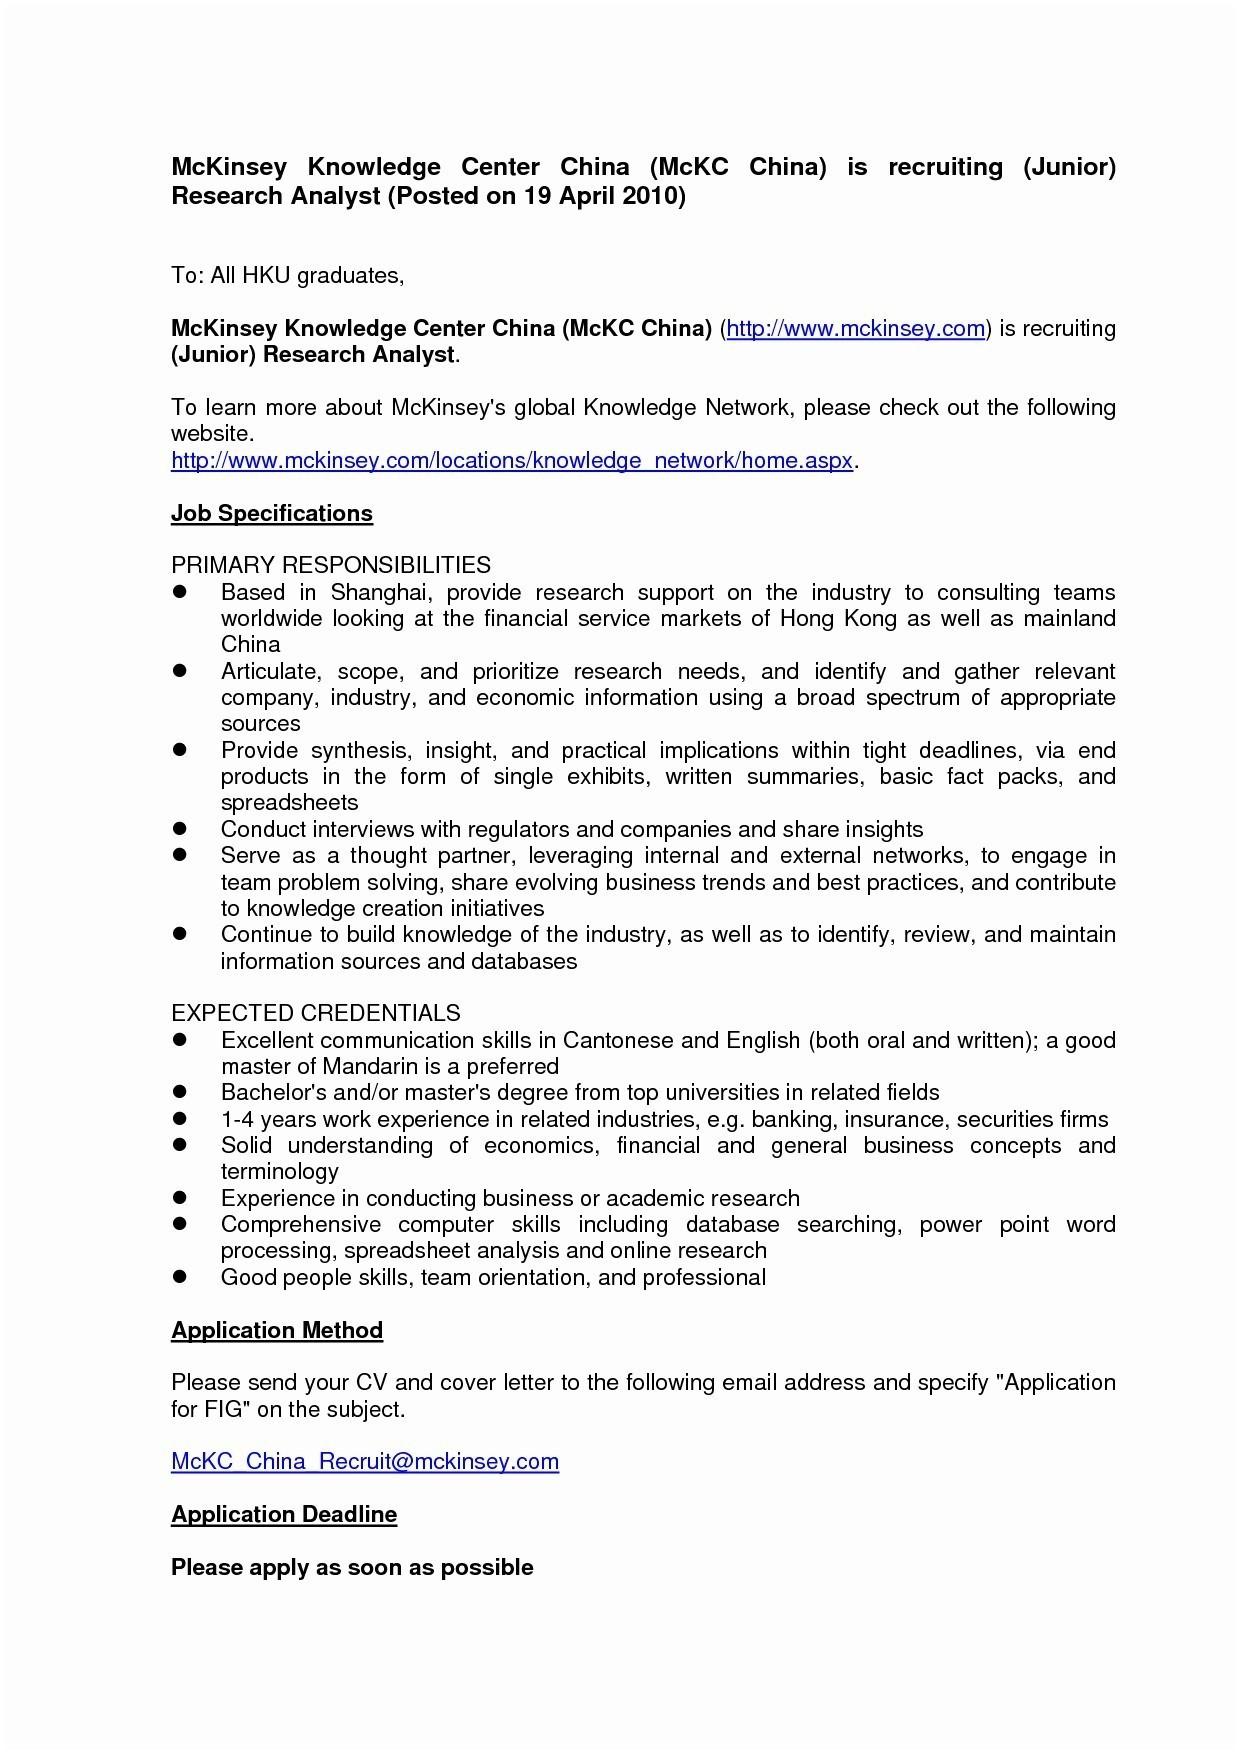 Usa Jobs Cover Letter Template - Usa Jobs Cover Letter Sample Best Inspirational Job Fer Letter